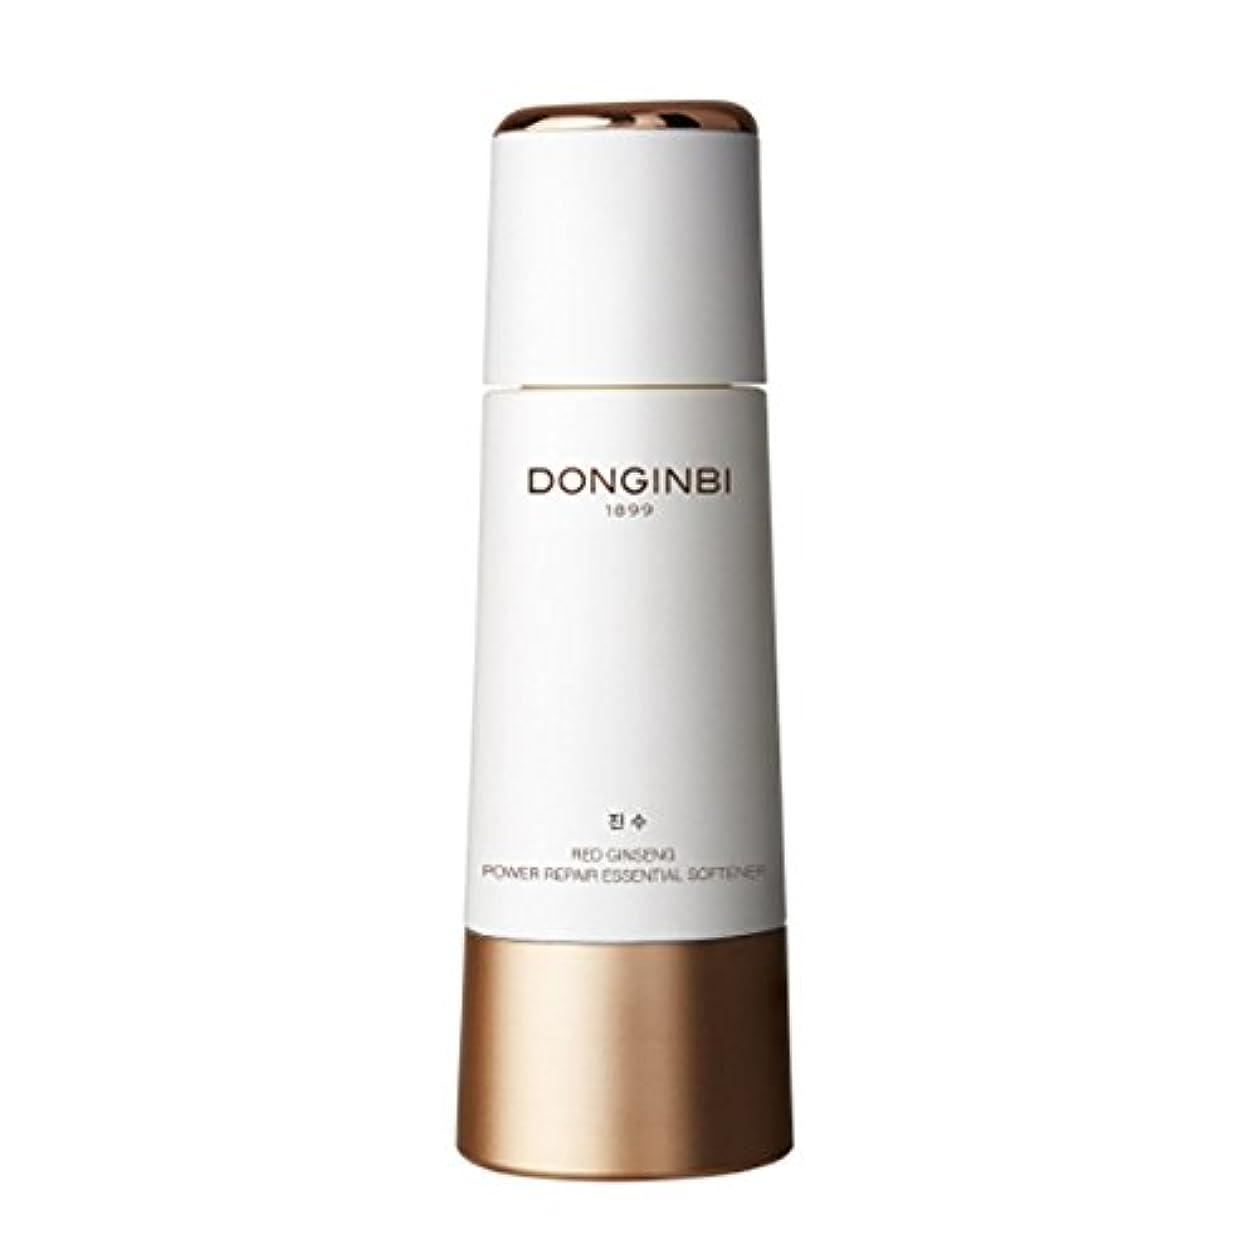 避難する同一の回転[ドンインビ]DONGINBI ドンインビ ジン化粧水 130ml 海外直送品 toner130ml [並行輸入品]